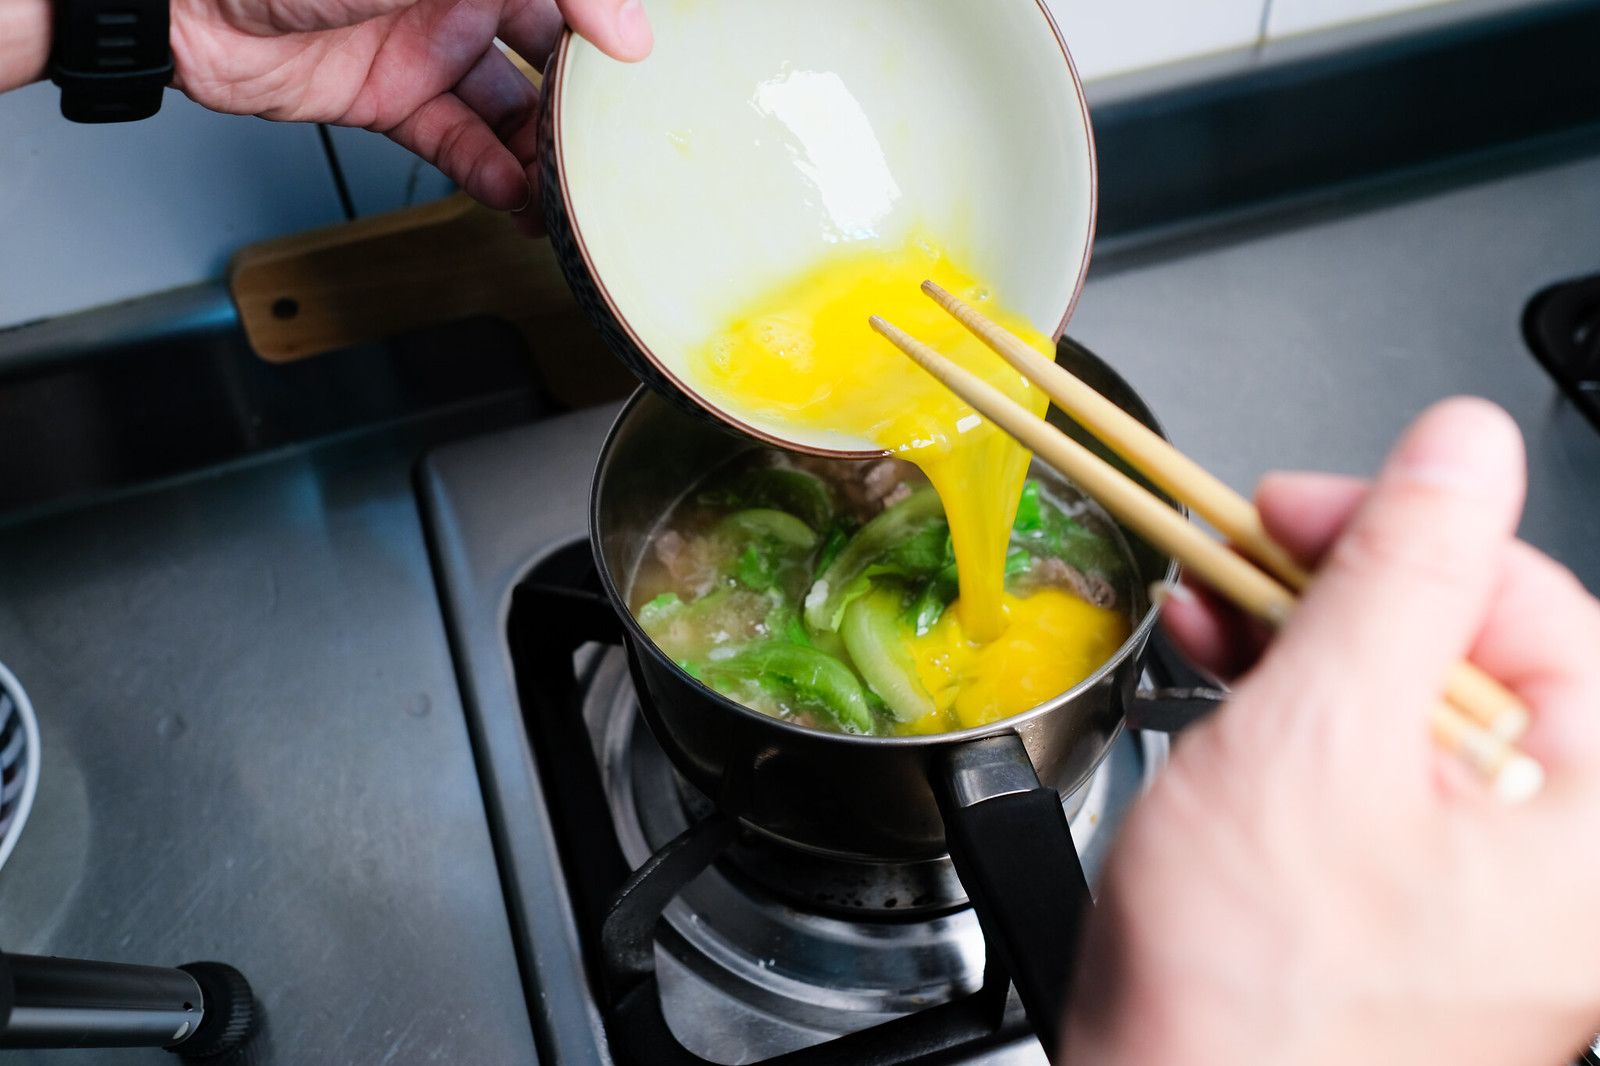 老協珍熬湯粥-牛肉蔬菜滑蛋-倒入蛋汁